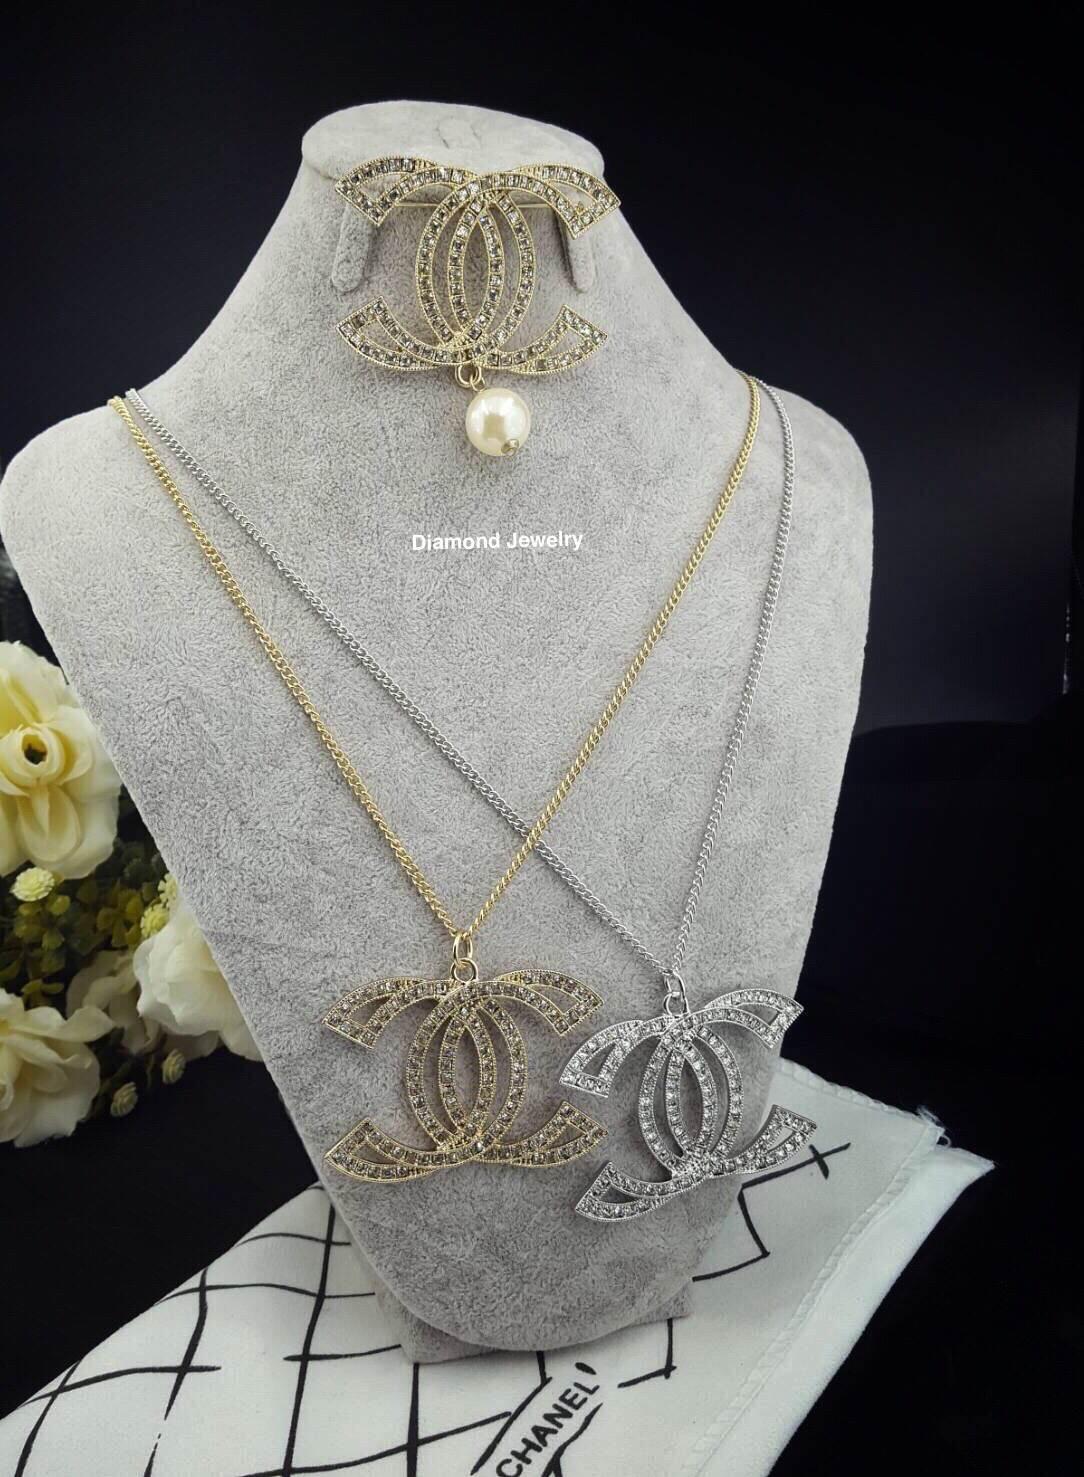 พร้อมส่ง Chanel Necklace & Brooch งานเพชร Swarovski